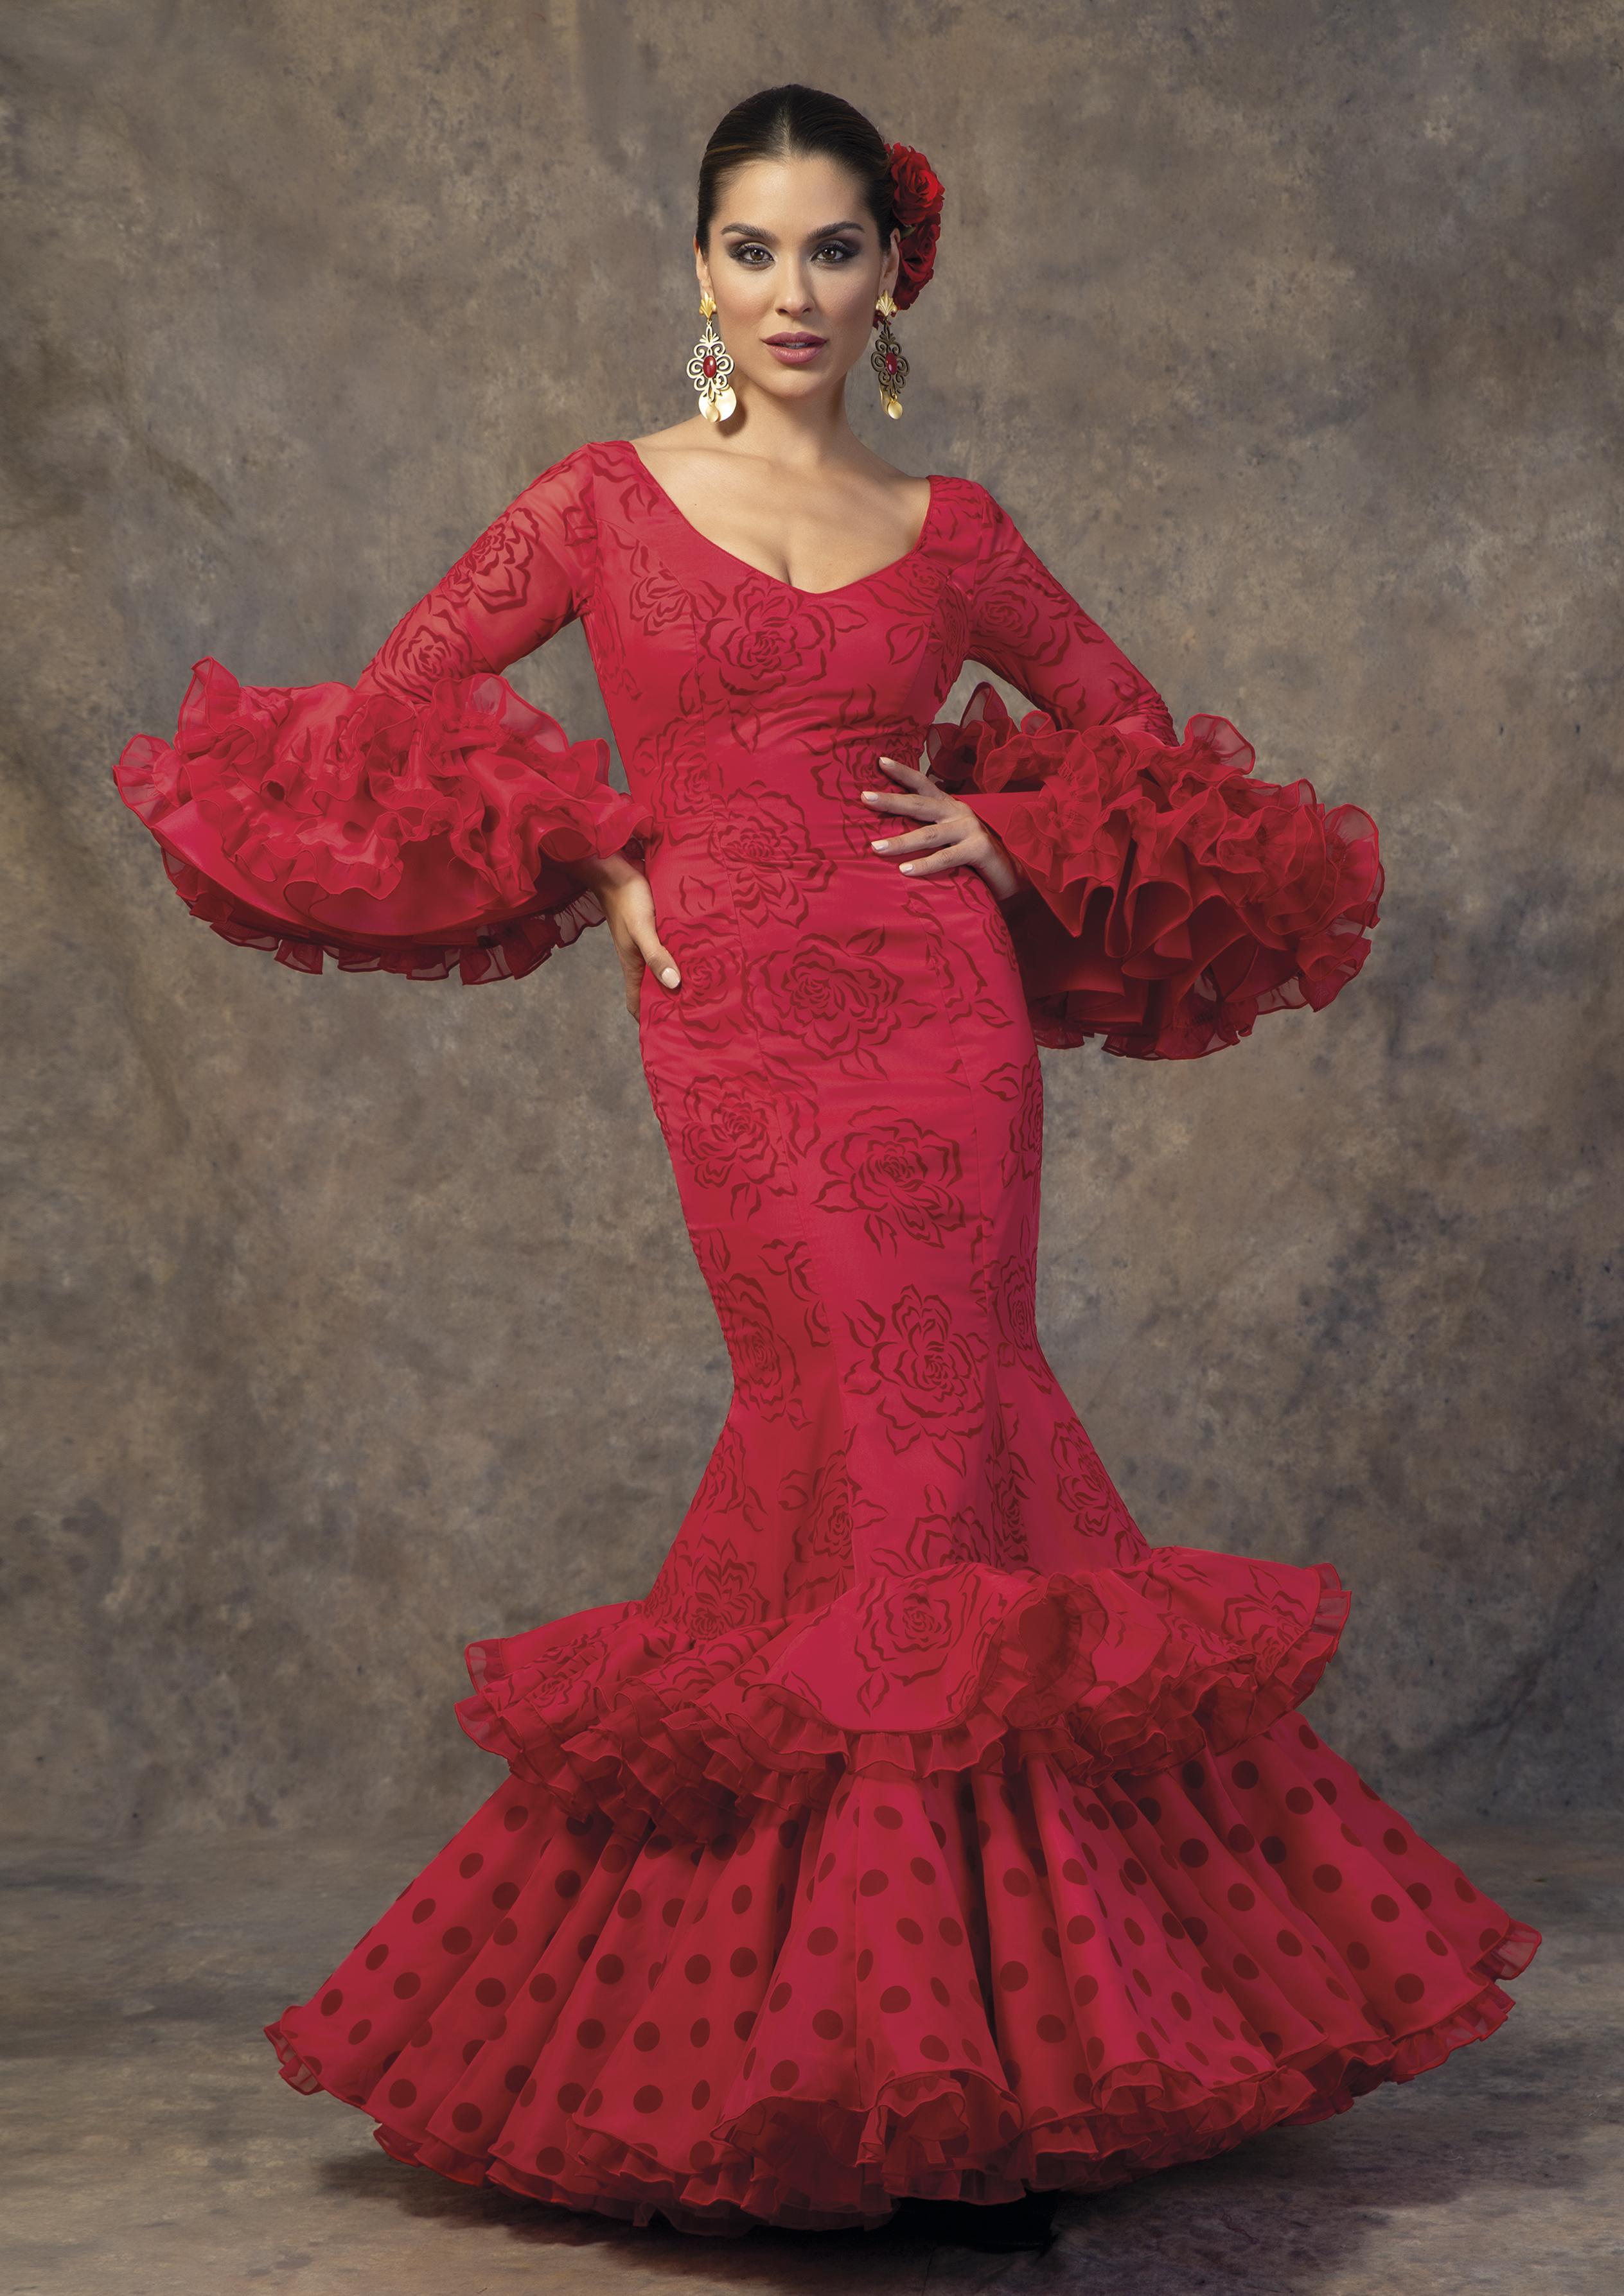 Trajes de flamenca 2019 | Aires de Feria, trajes de flamenca